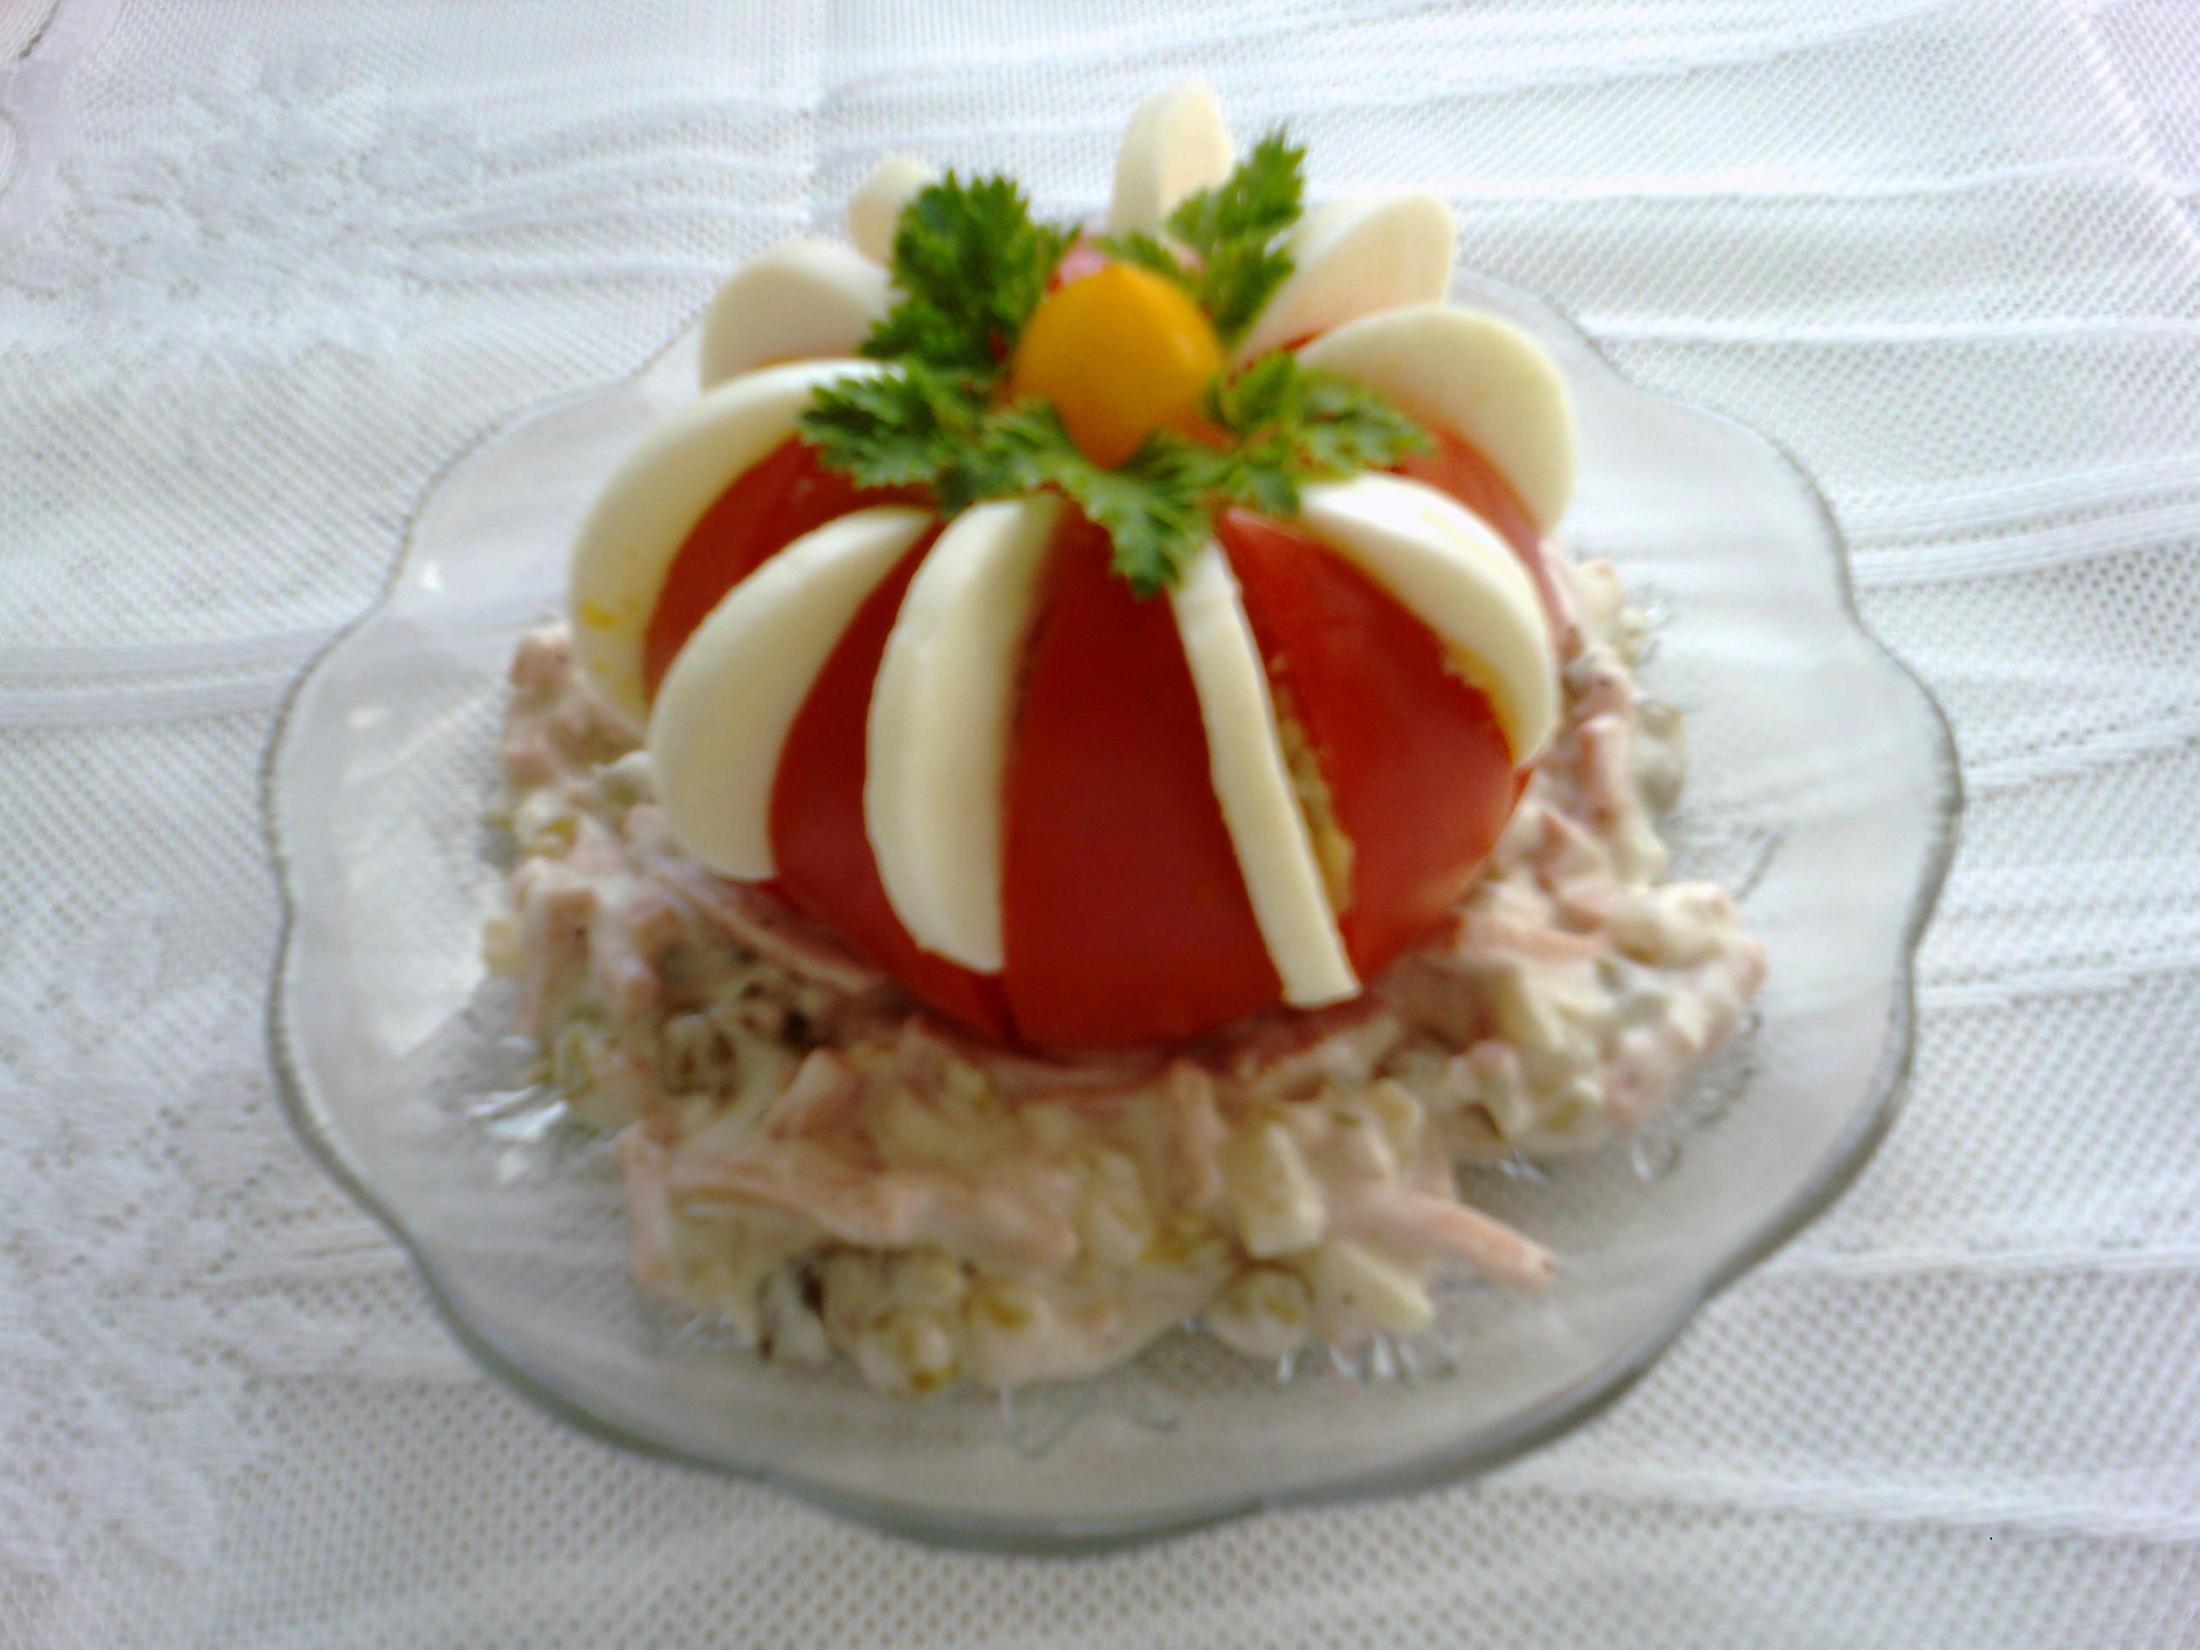 Rajče s vejcem a pařížským salátem